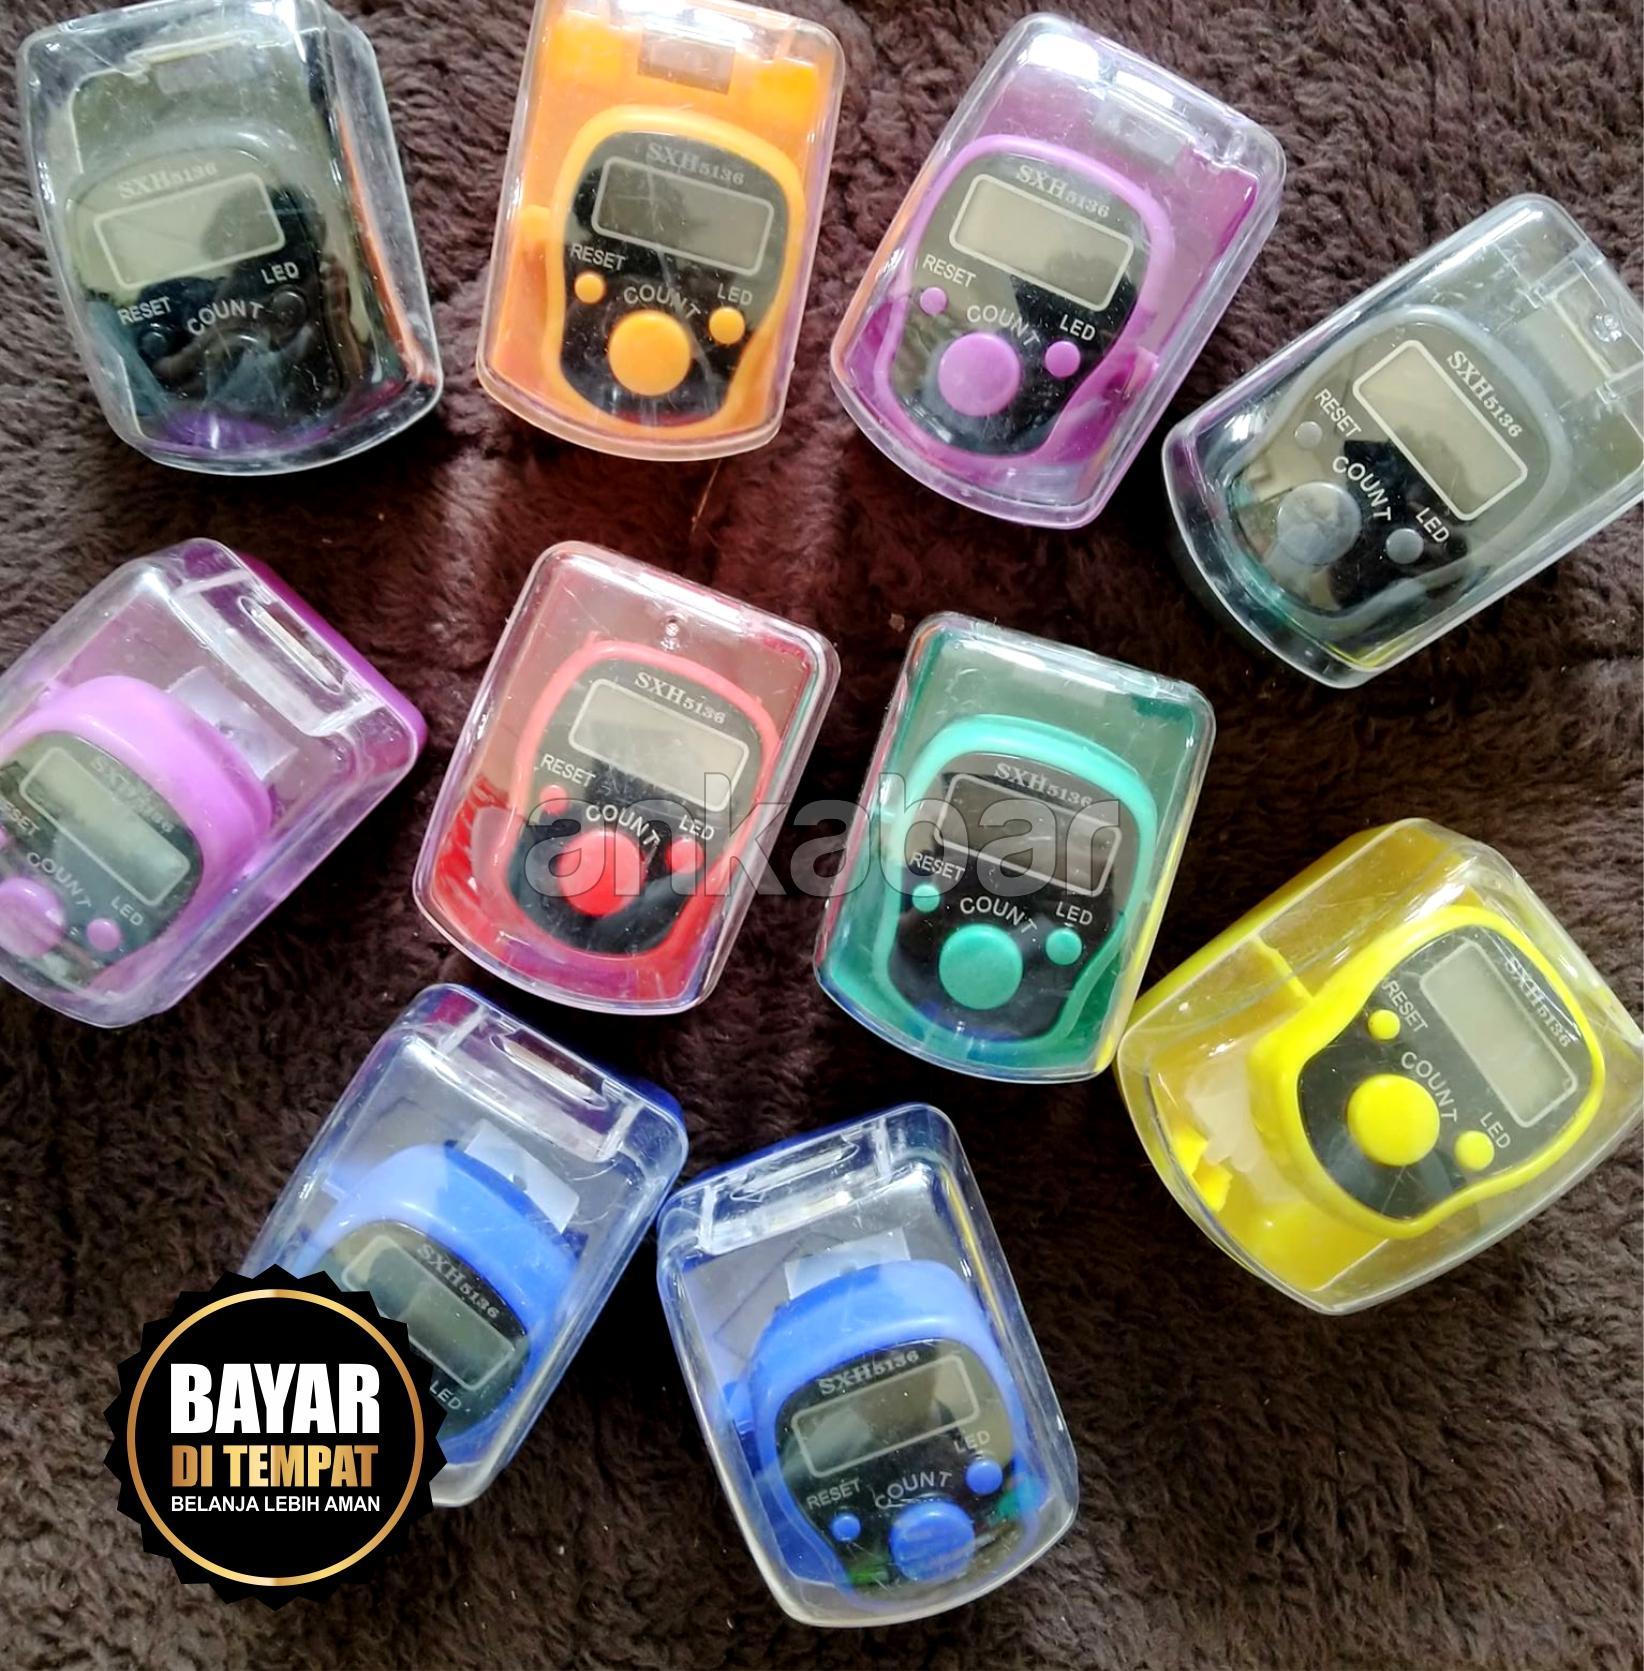 Rp 15.000. Tasbih Digital Mini / Digital Tally Counter Bukan LED Murah Berkualitas - Tasbih Digital Finger Counter / Cincin Penghitung Digital / Alat ...